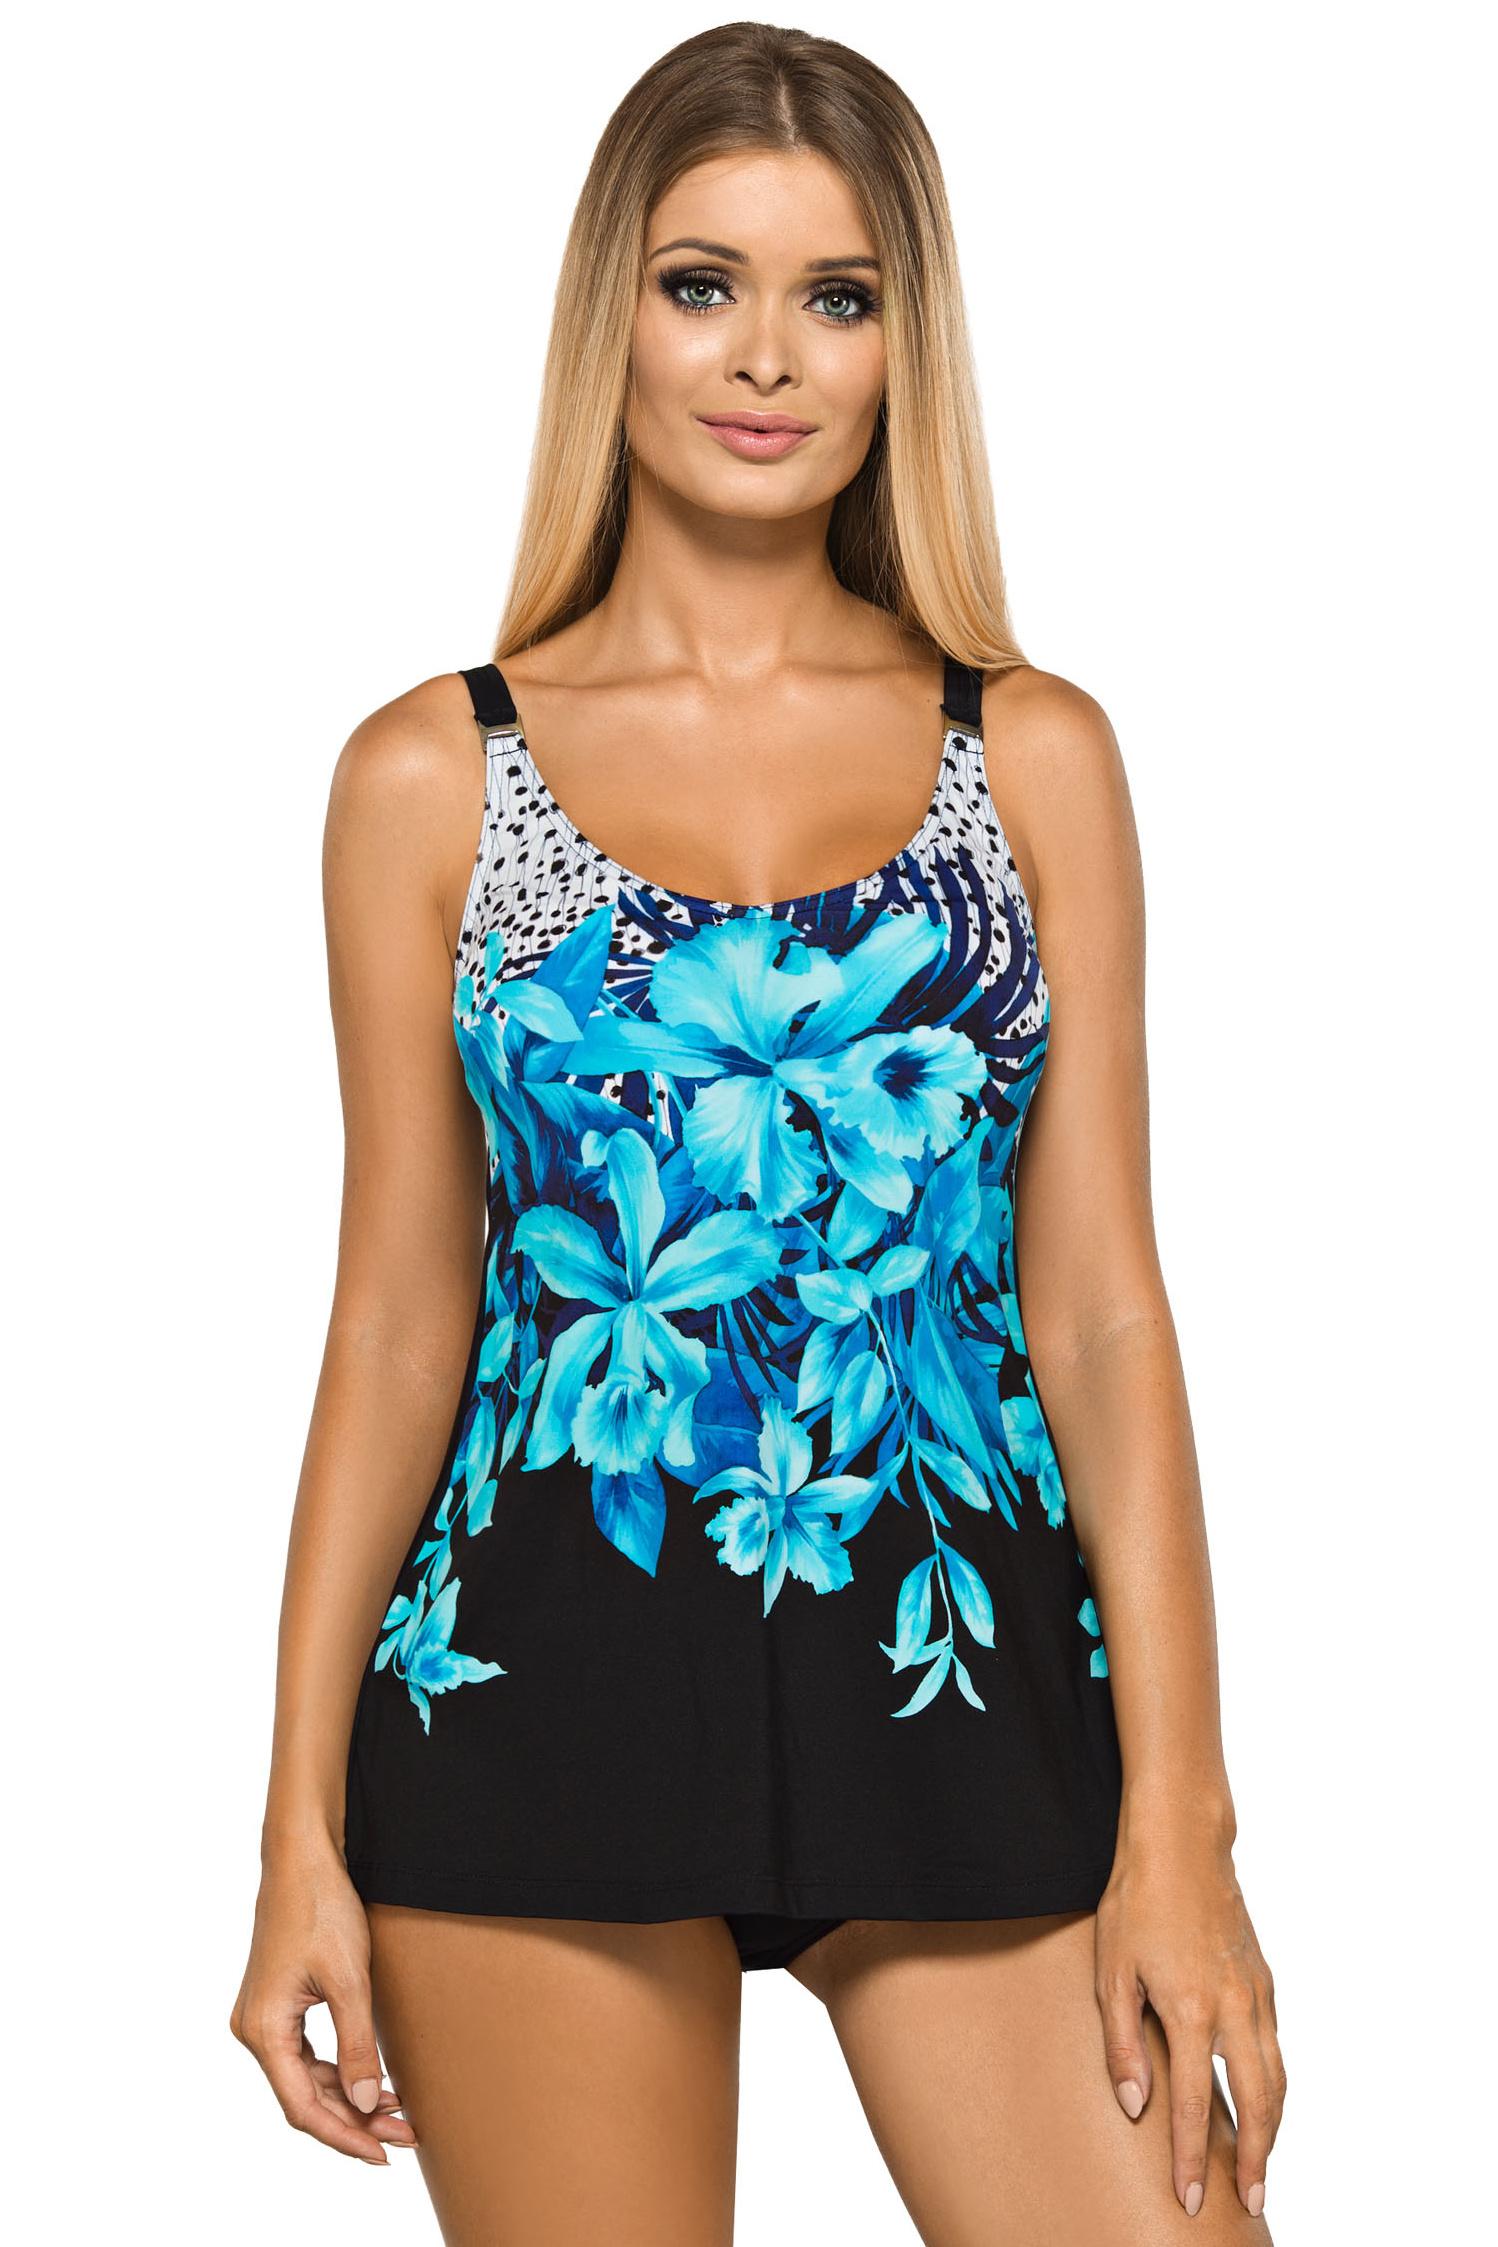 Dámské plavky tankiny Camilla černé s modrými květy